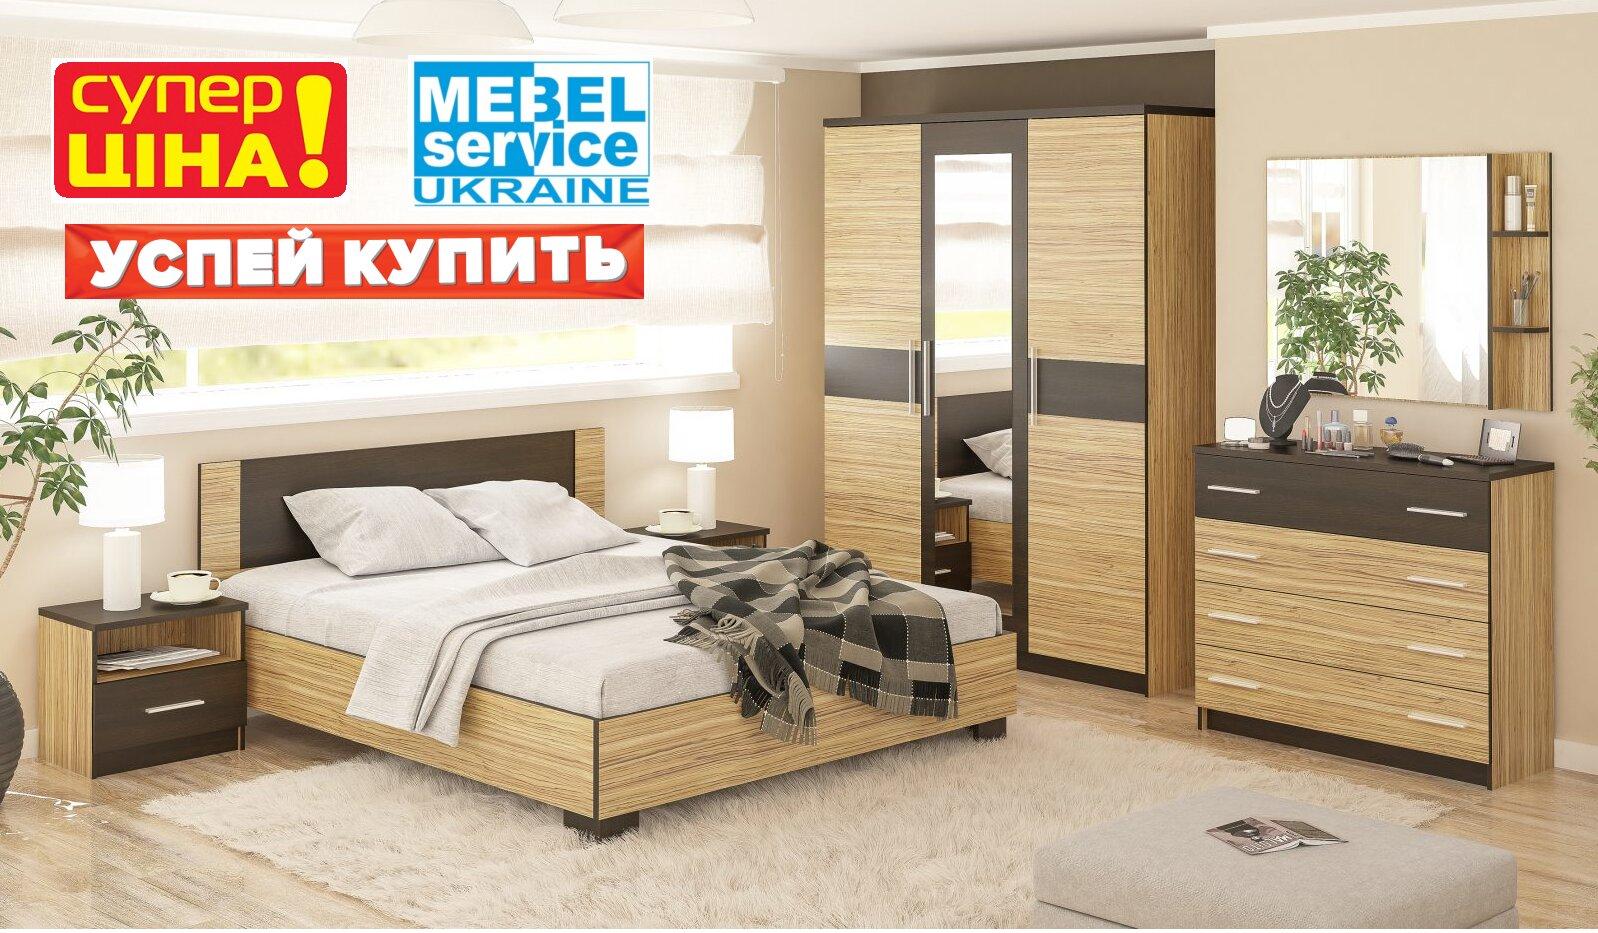 Купить мебель в спальню недорого склад Киев